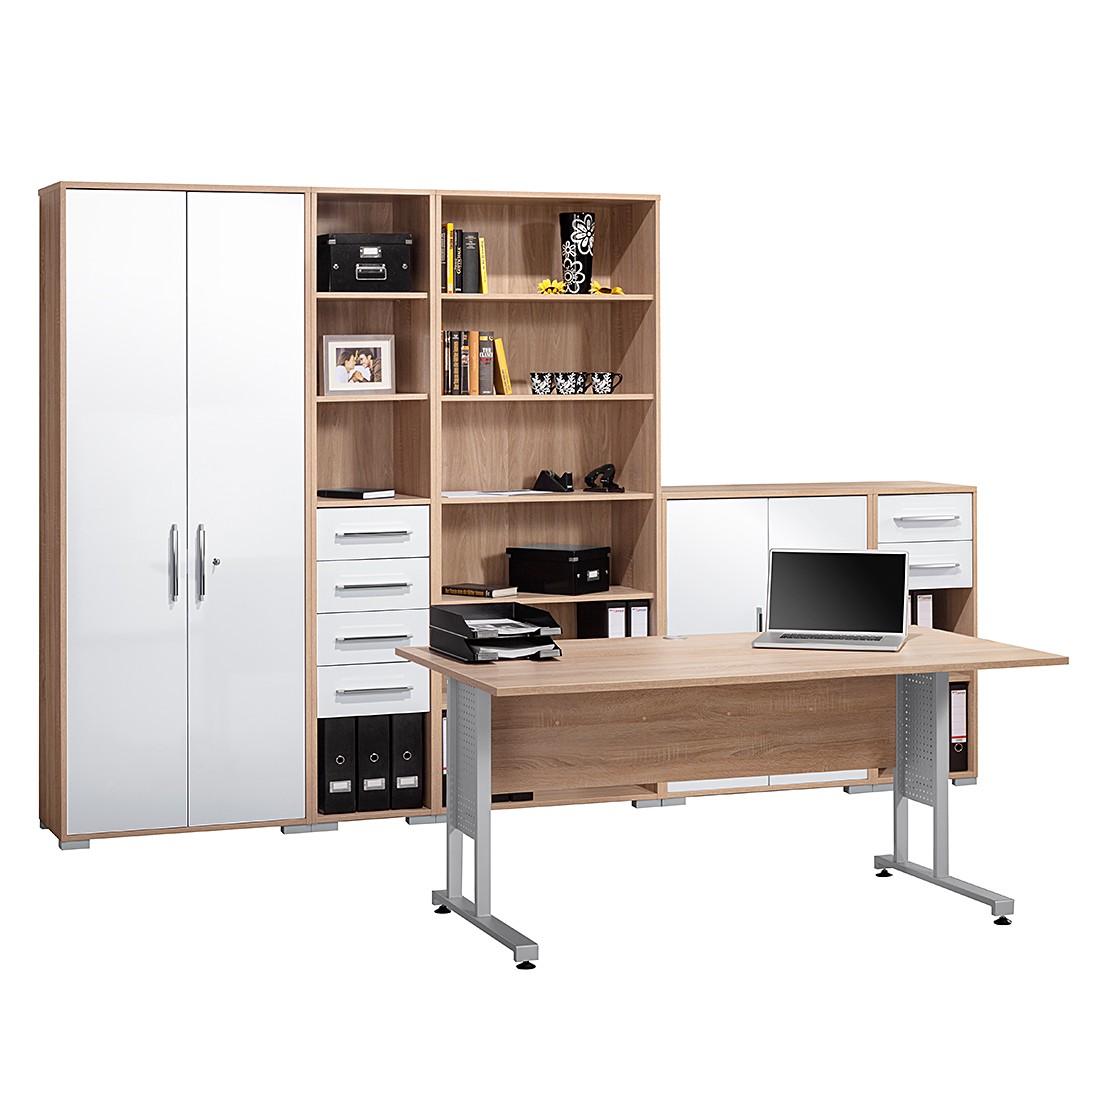 Bürosparset Merit I (6-teilig) – Sonoma Eiche Dekor/Hochglanz Weiß, Maja Möbel online kaufen